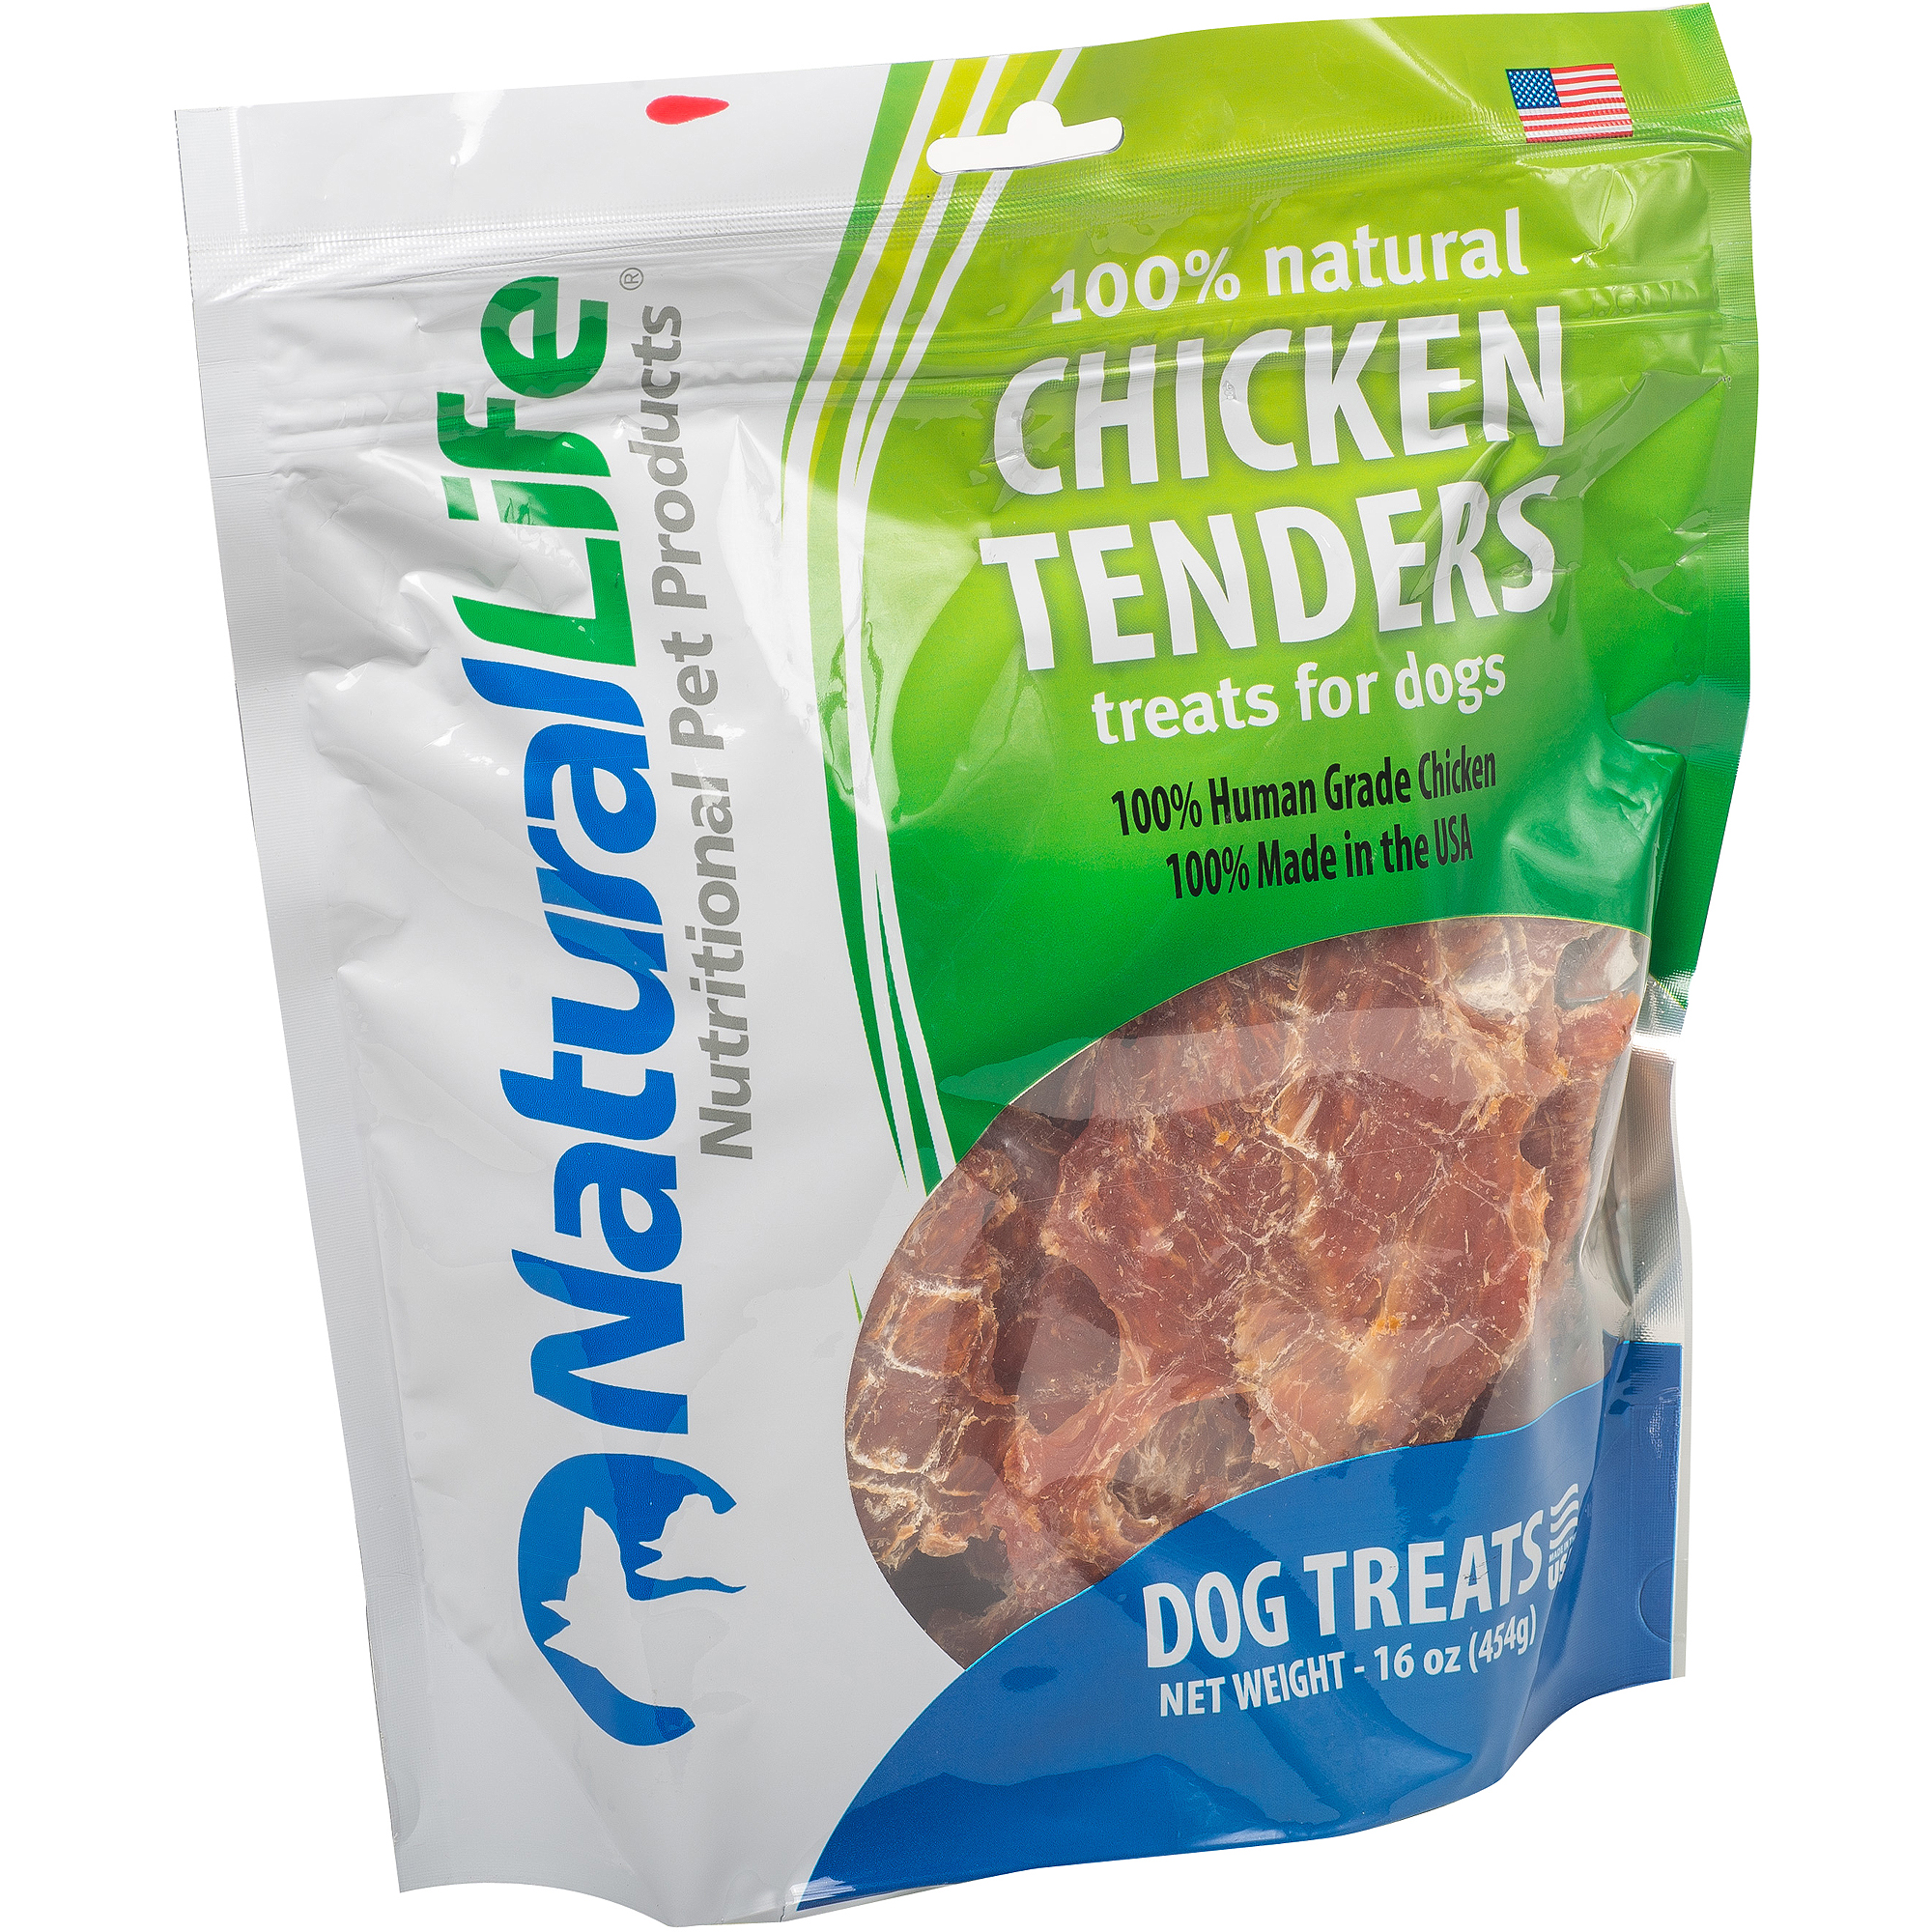 Natural Life Natural Chicken Tender Dog Treat, 16 oz